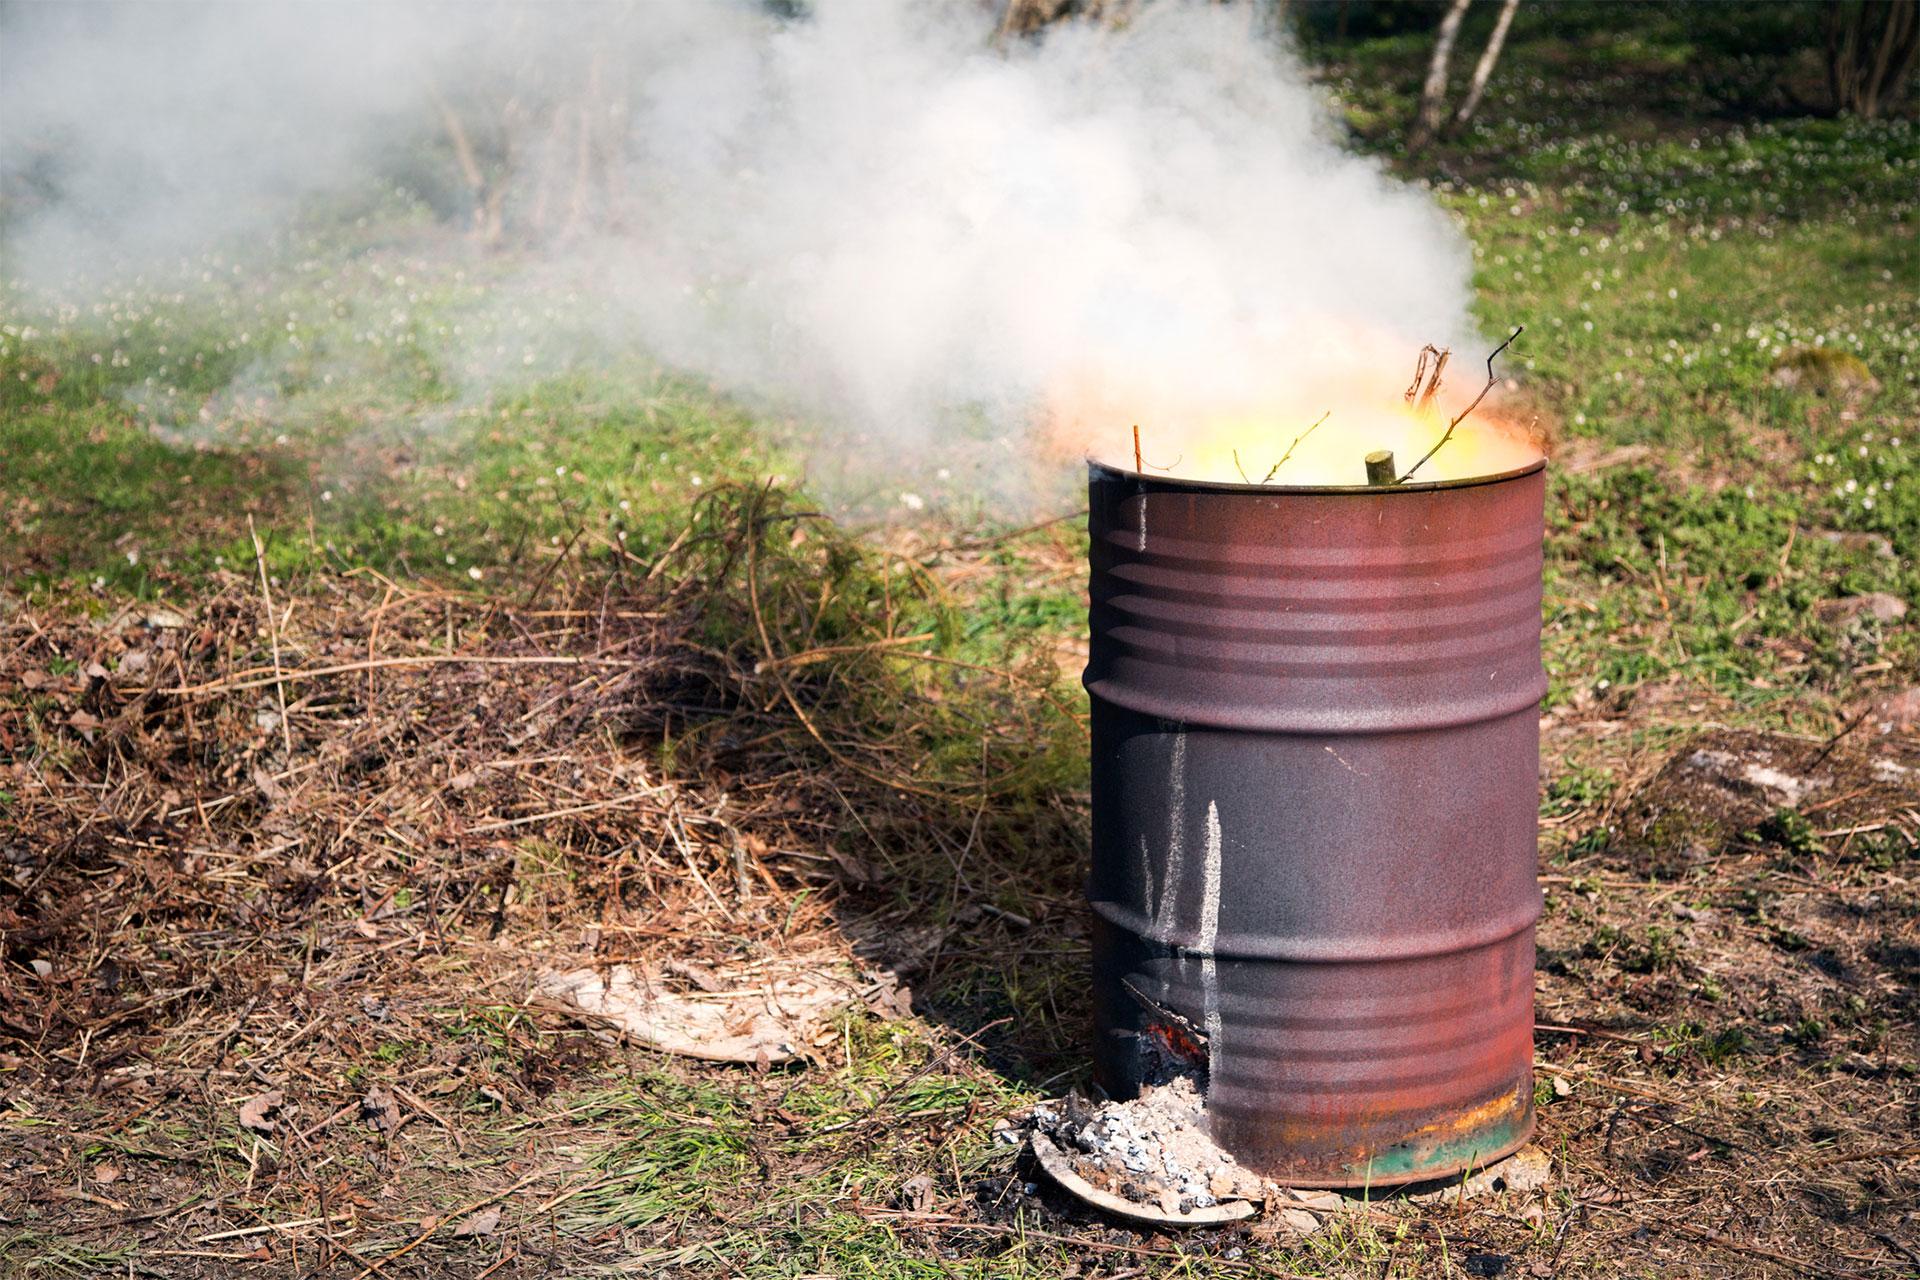 правила сжигания мусора на садовом участке